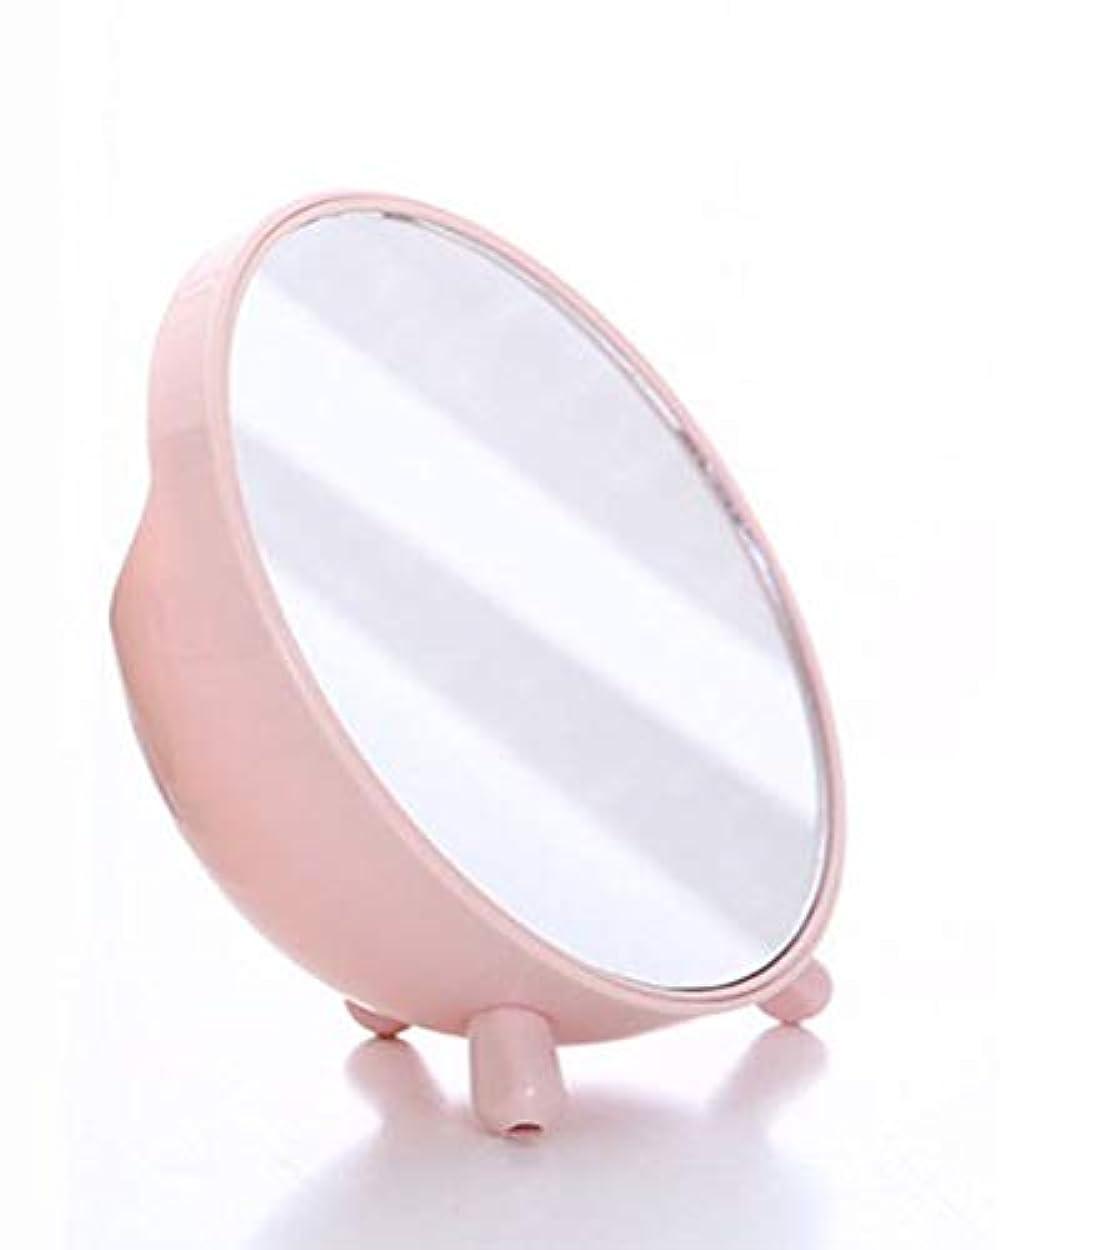 アーティキュレーション依存少し化粧鏡、収納ボックス化粧ギフトとピンクのシンプルなラウンドテーブル化粧鏡